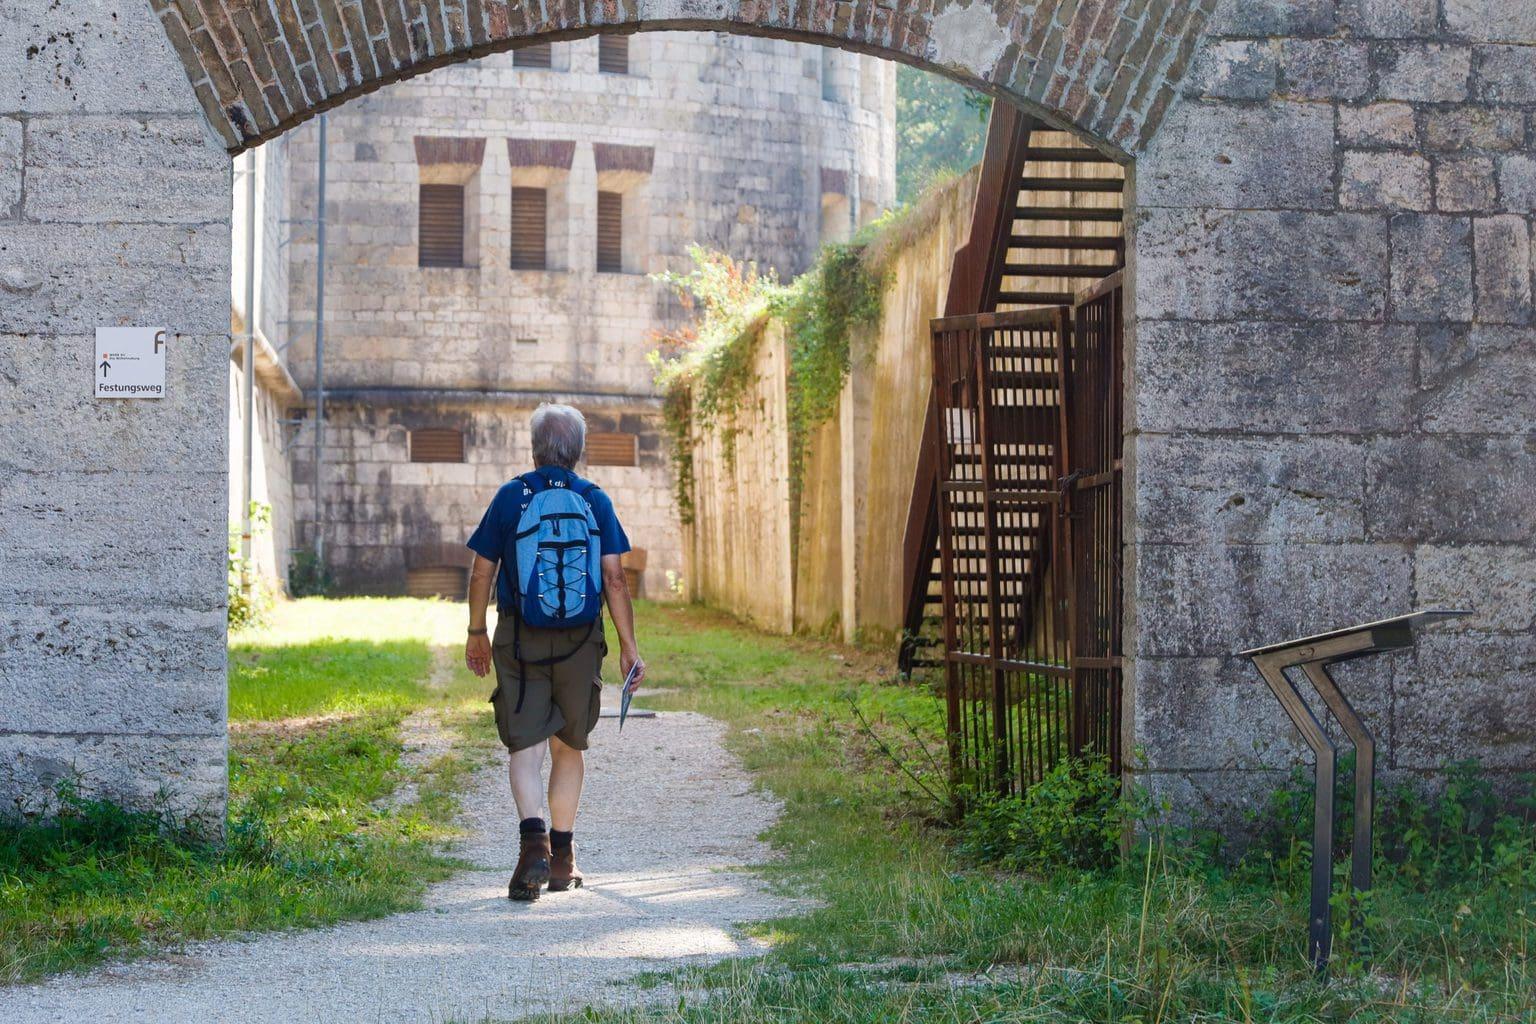 Een wandelaar bij de Wilhelmsburg in Ulm tijdens het Urban Hiking